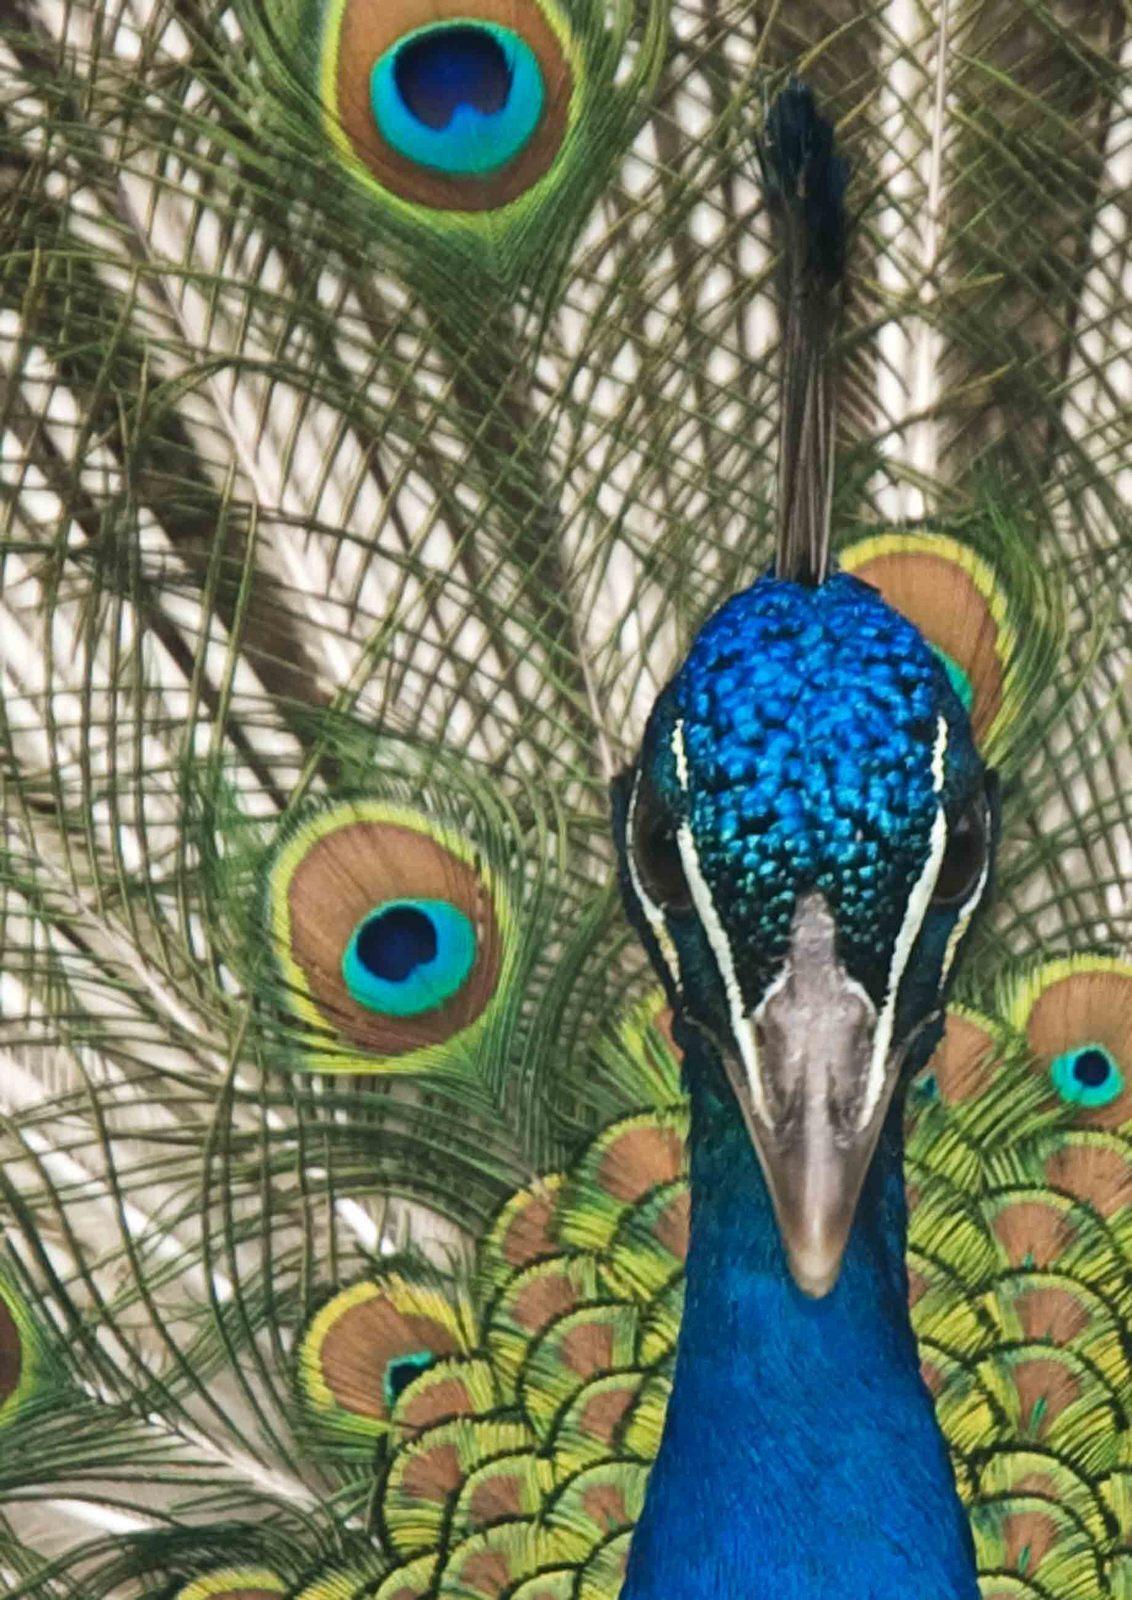 Pauw - Een poging om een 'stukgefotografeerd' onderwerp anders aan te snijden. - foto door hubregt op 05-07-2009 - deze foto bevat: natuur, portret, dieren, vogel, pauw, huib visser